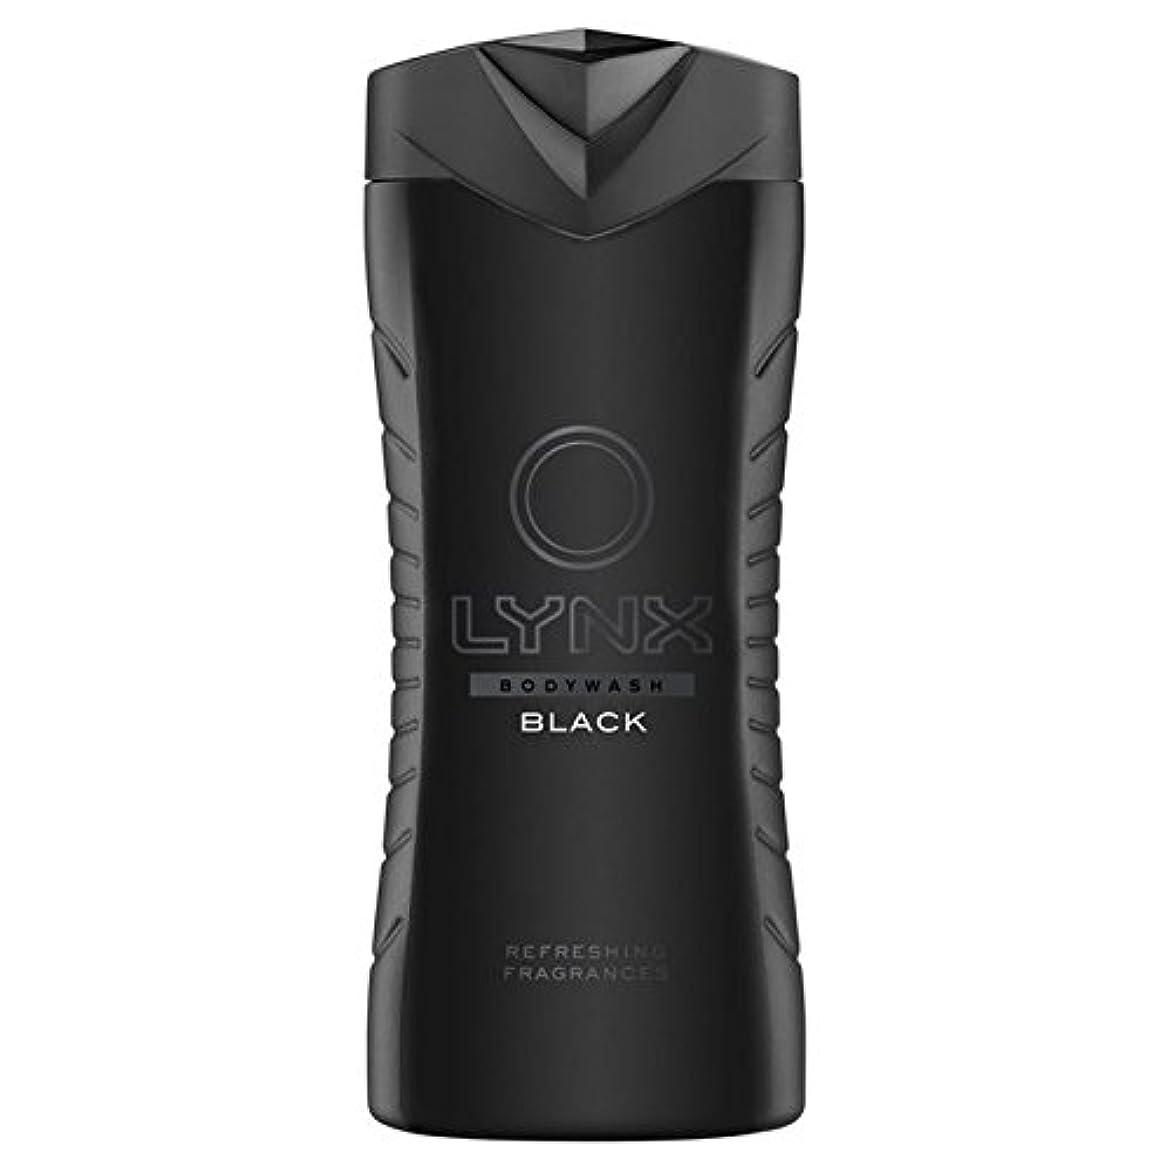 器具実行原点Lynx Black Shower Gel 400ml - オオヤマネコブラックシャワージェル400ミリリットル [並行輸入品]